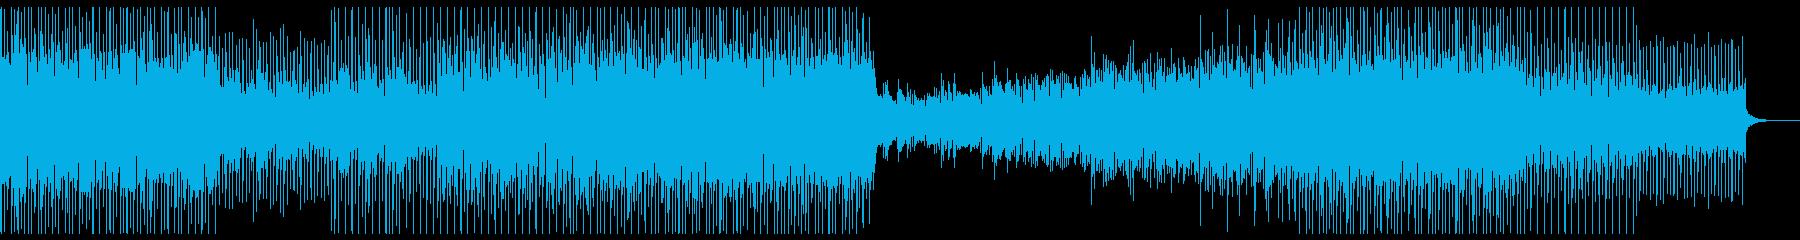 ピアノとシンセが絡み合う宇宙的なトランスの再生済みの波形